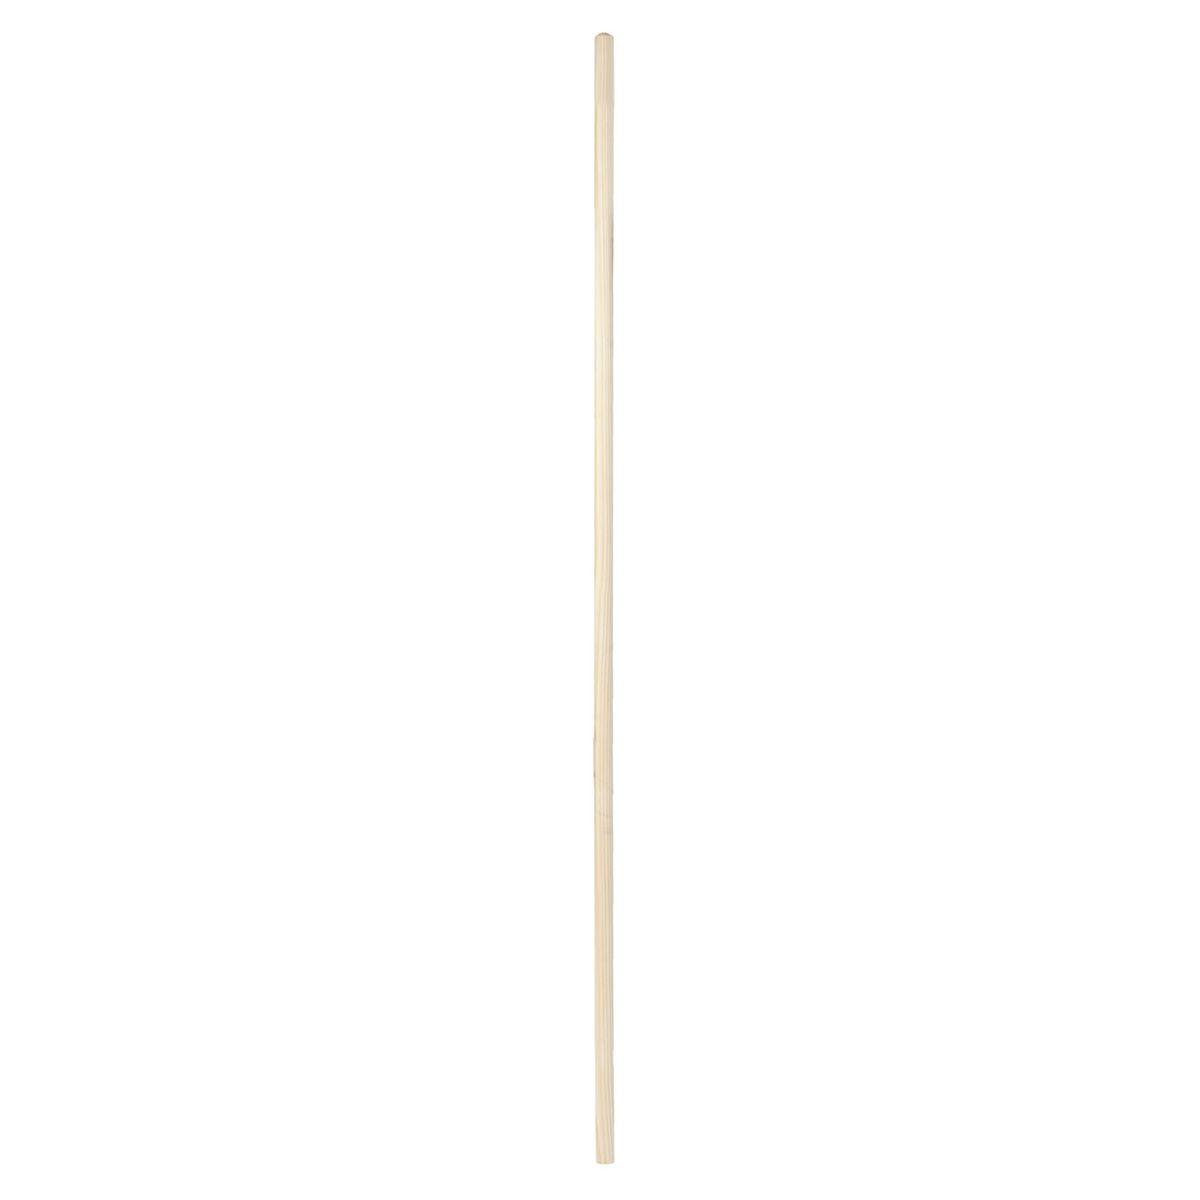 HorZe Wooden Broom Handle